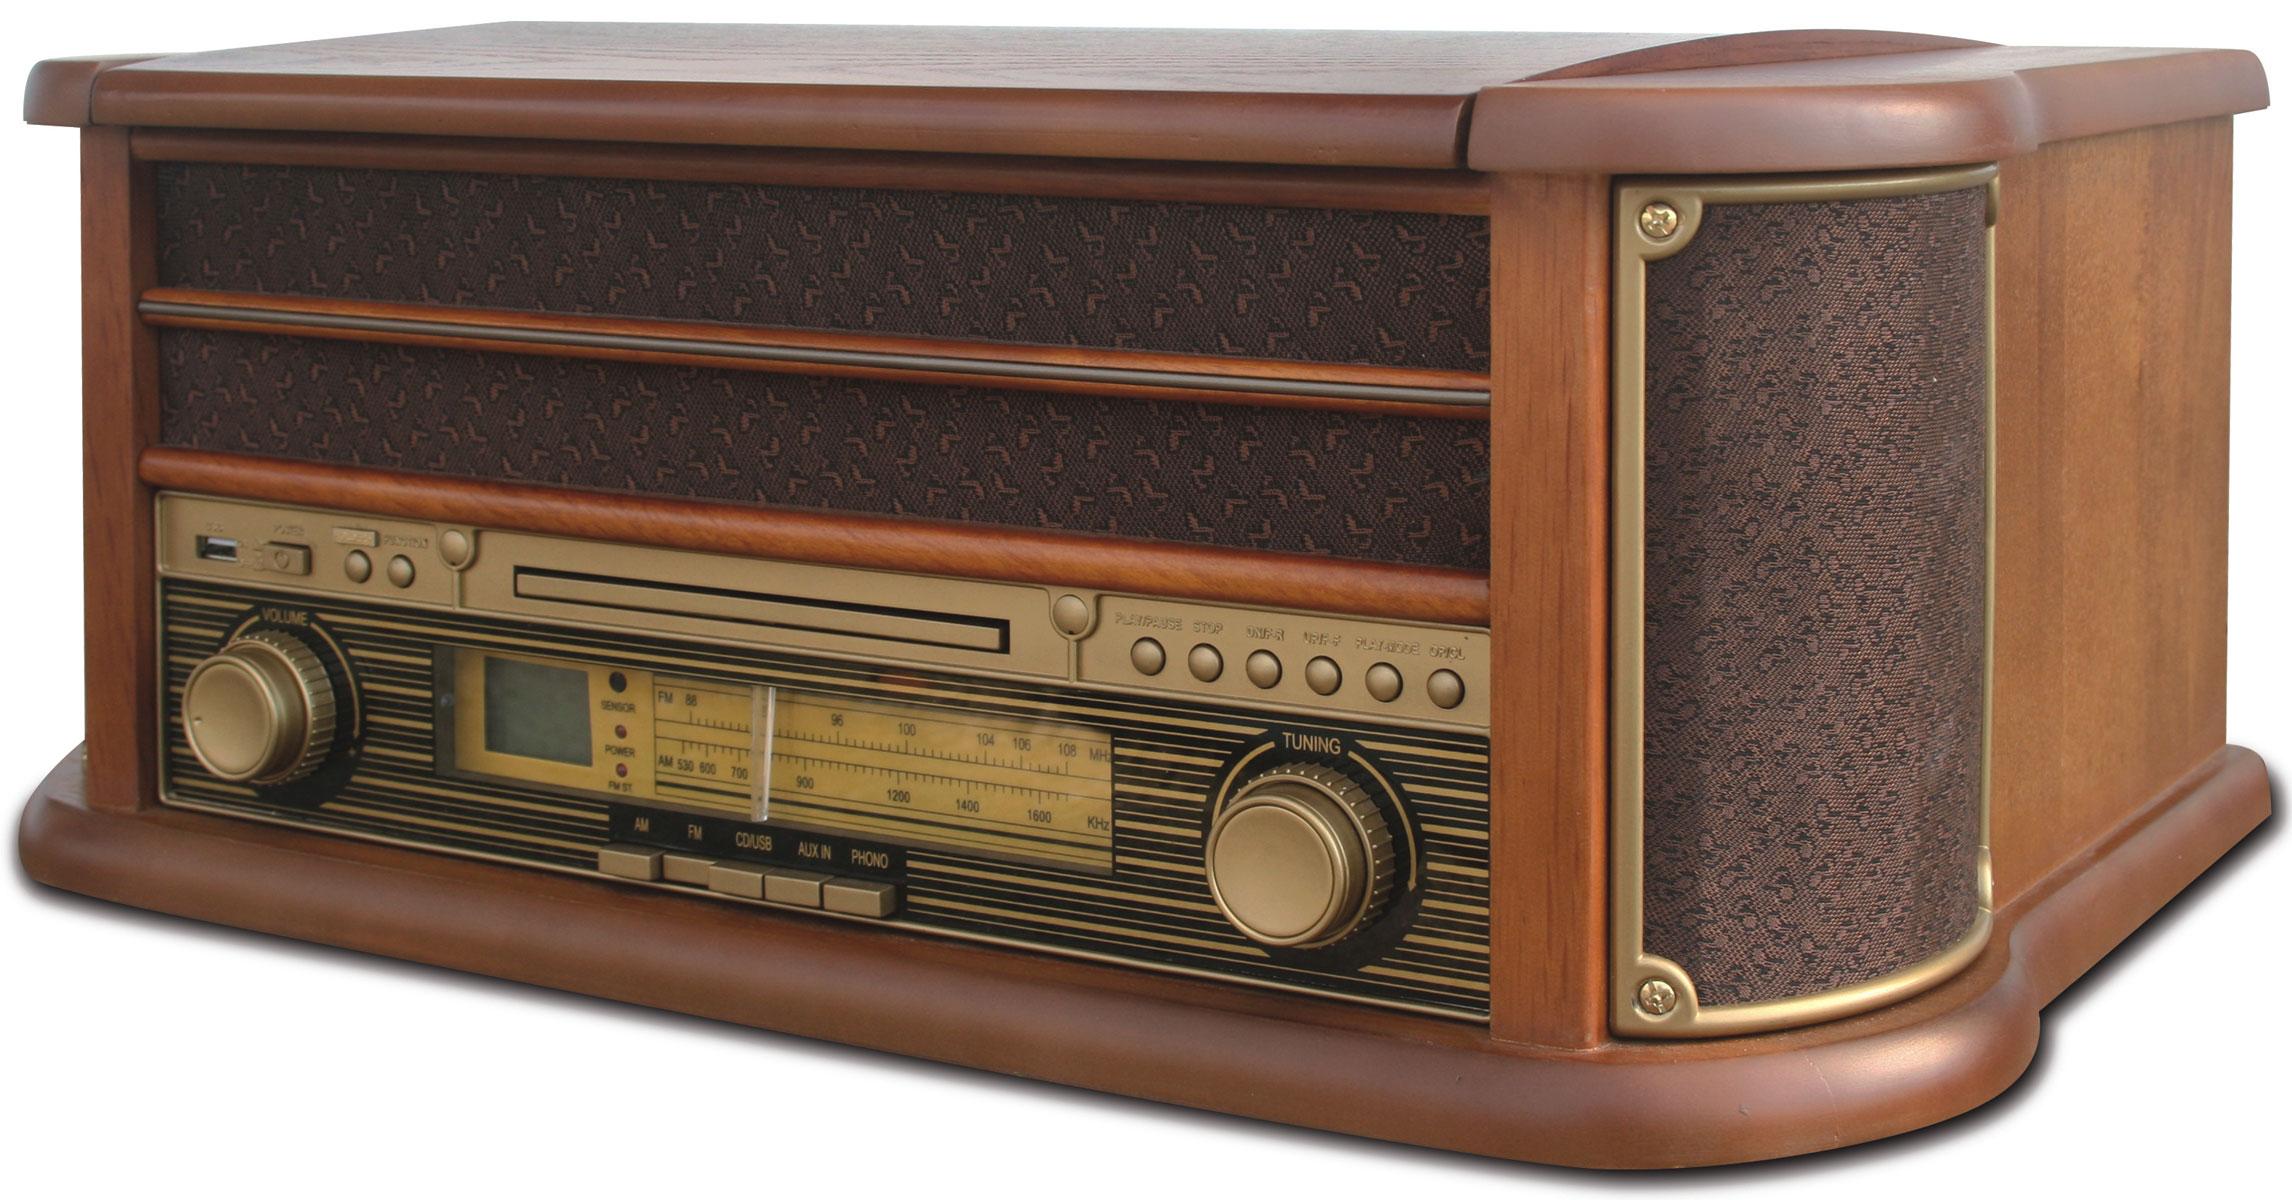 Camry CR1111K проигрыватель виниловых дисковCR1111Оригинальный проигрыватель виниловых пластинок Crosley CR1111K с возможностью прослушивания CD дисков и радиостанций в диапазоне FM/AM. Выполнен в ретро стиле. Три скорости воспроизведения позволяют прослушивать пластинки практически всех типов, а благодаря встроенным стереодинамикам, вы сможете слушать музыку без подключения его к акустической системе. Проигрыватель Crosley CR1111K оснащен USB-портом для флэш-накопителя, который позволяет за считанные минуты преобразовать любую запись с пластинки в MP3-версию.Суммарная мощность колонок: 5 Вт